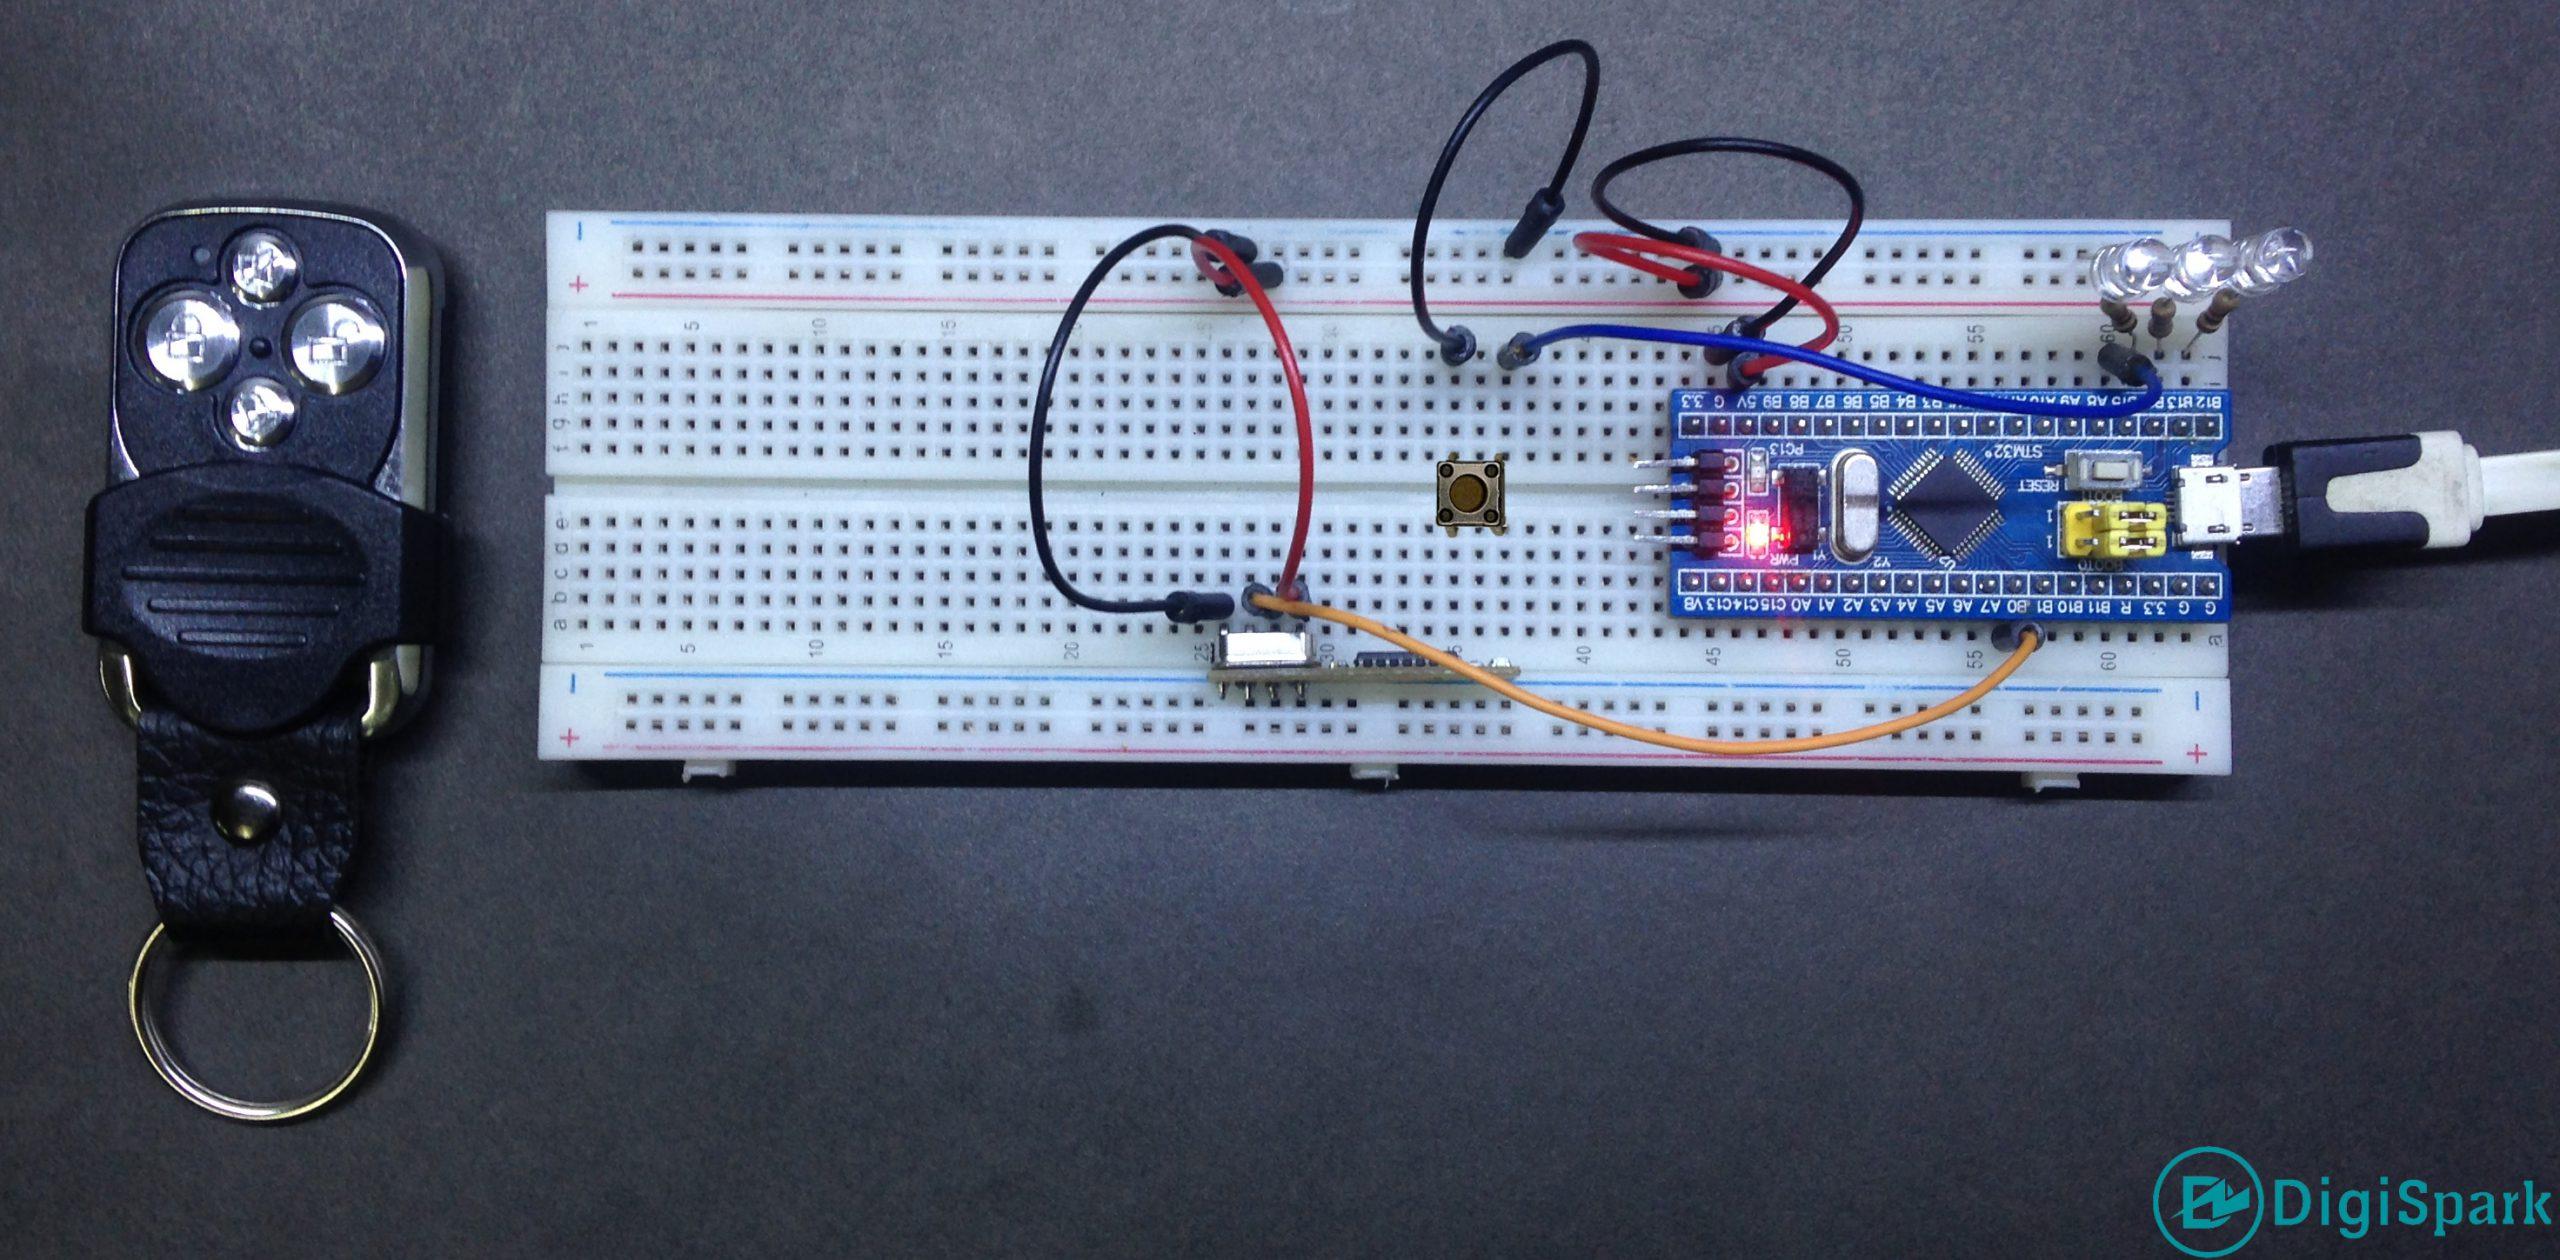 پروژه مدار گیرنده کد لرن ASK با برد STM32 - دیجی اسپارک